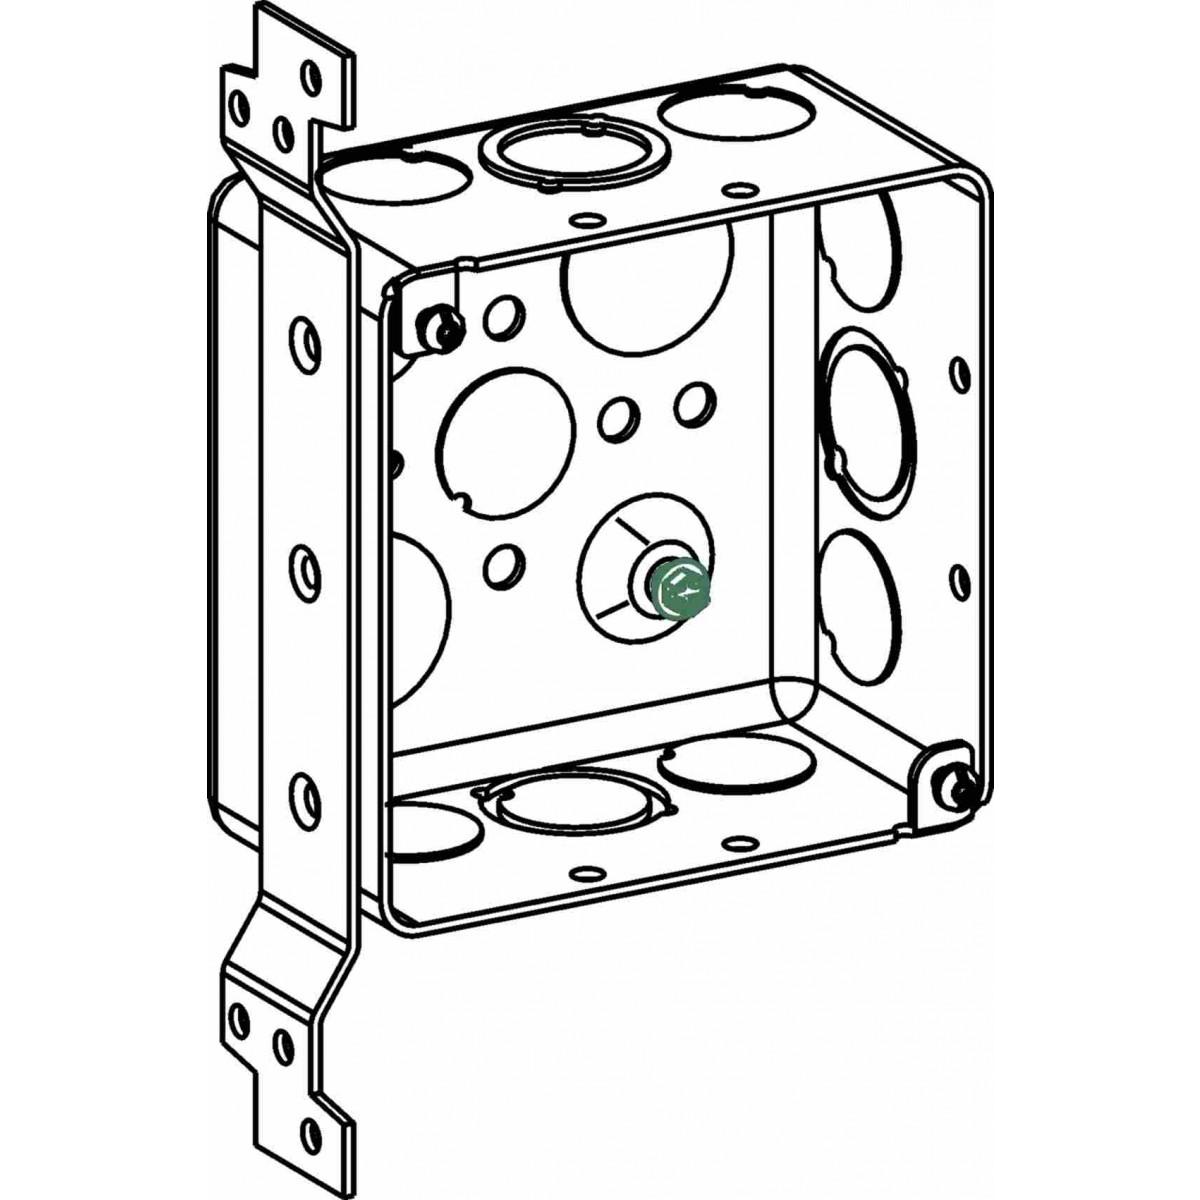 d4sdb-cko-fb - 4 u201d  4s  boxes